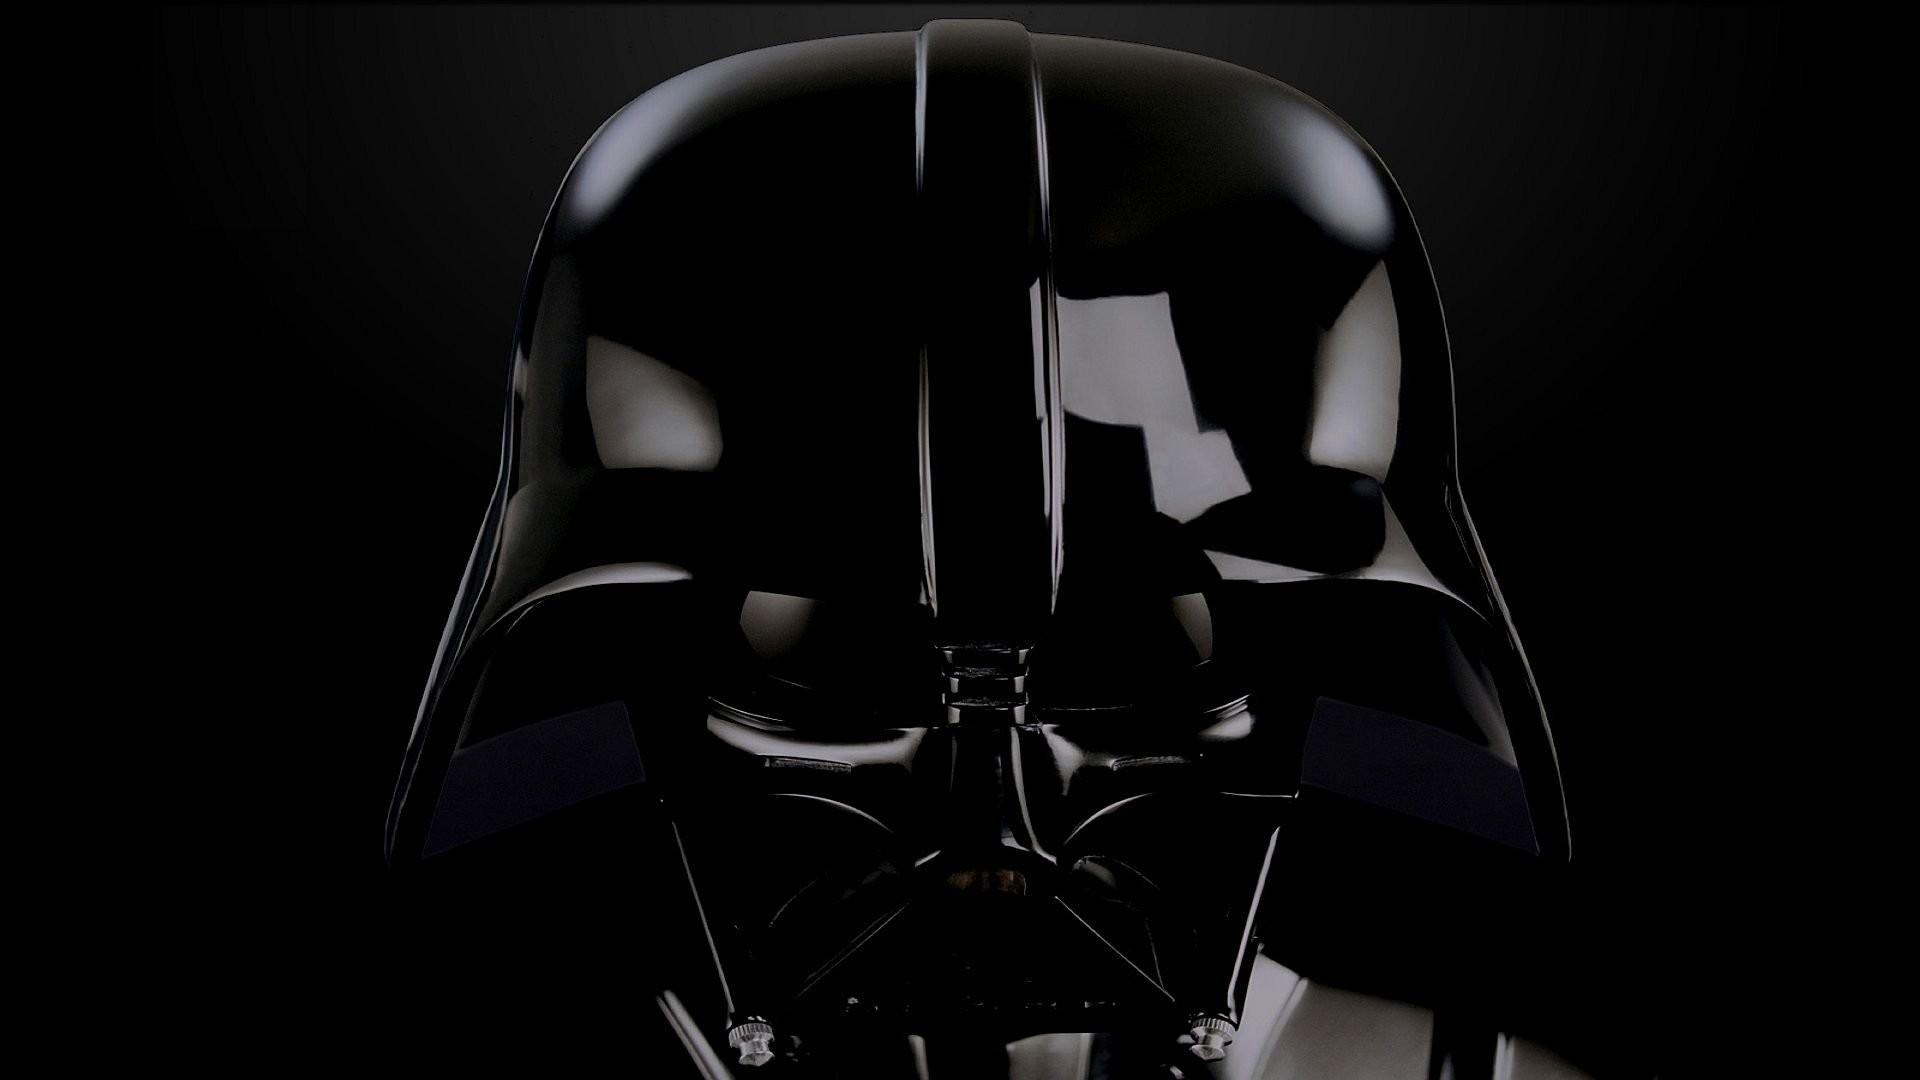 2560×1440 Darth Vader Star Wars Mask Helmet Wallpapers